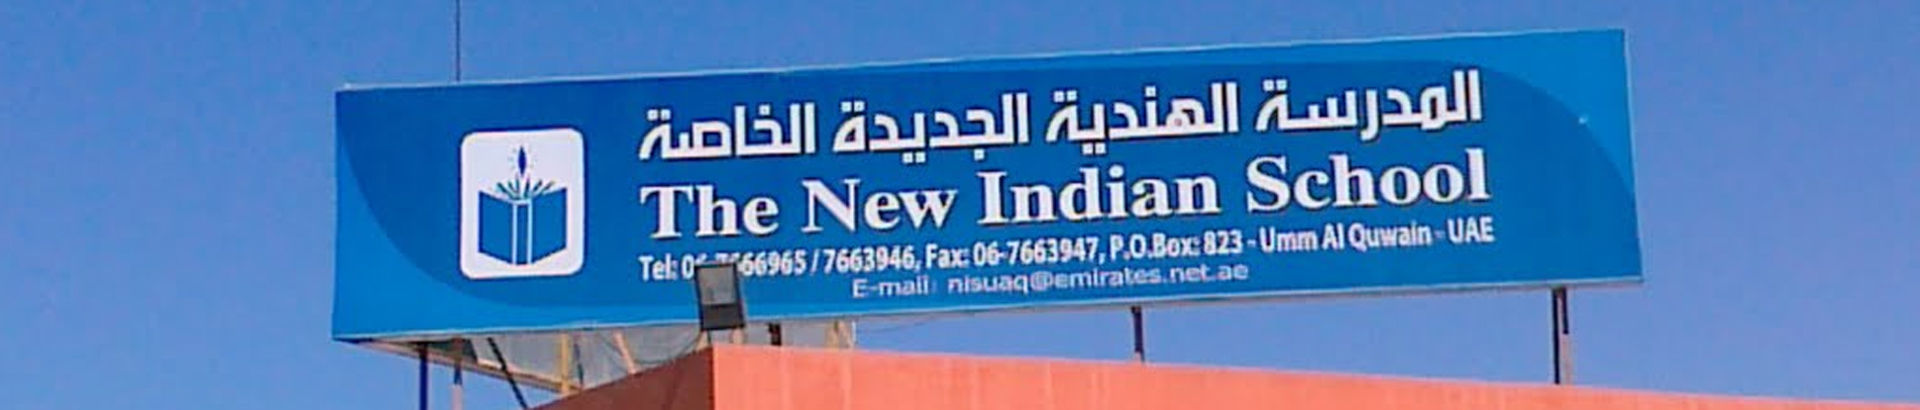 New Indian School Umm Al Quwain